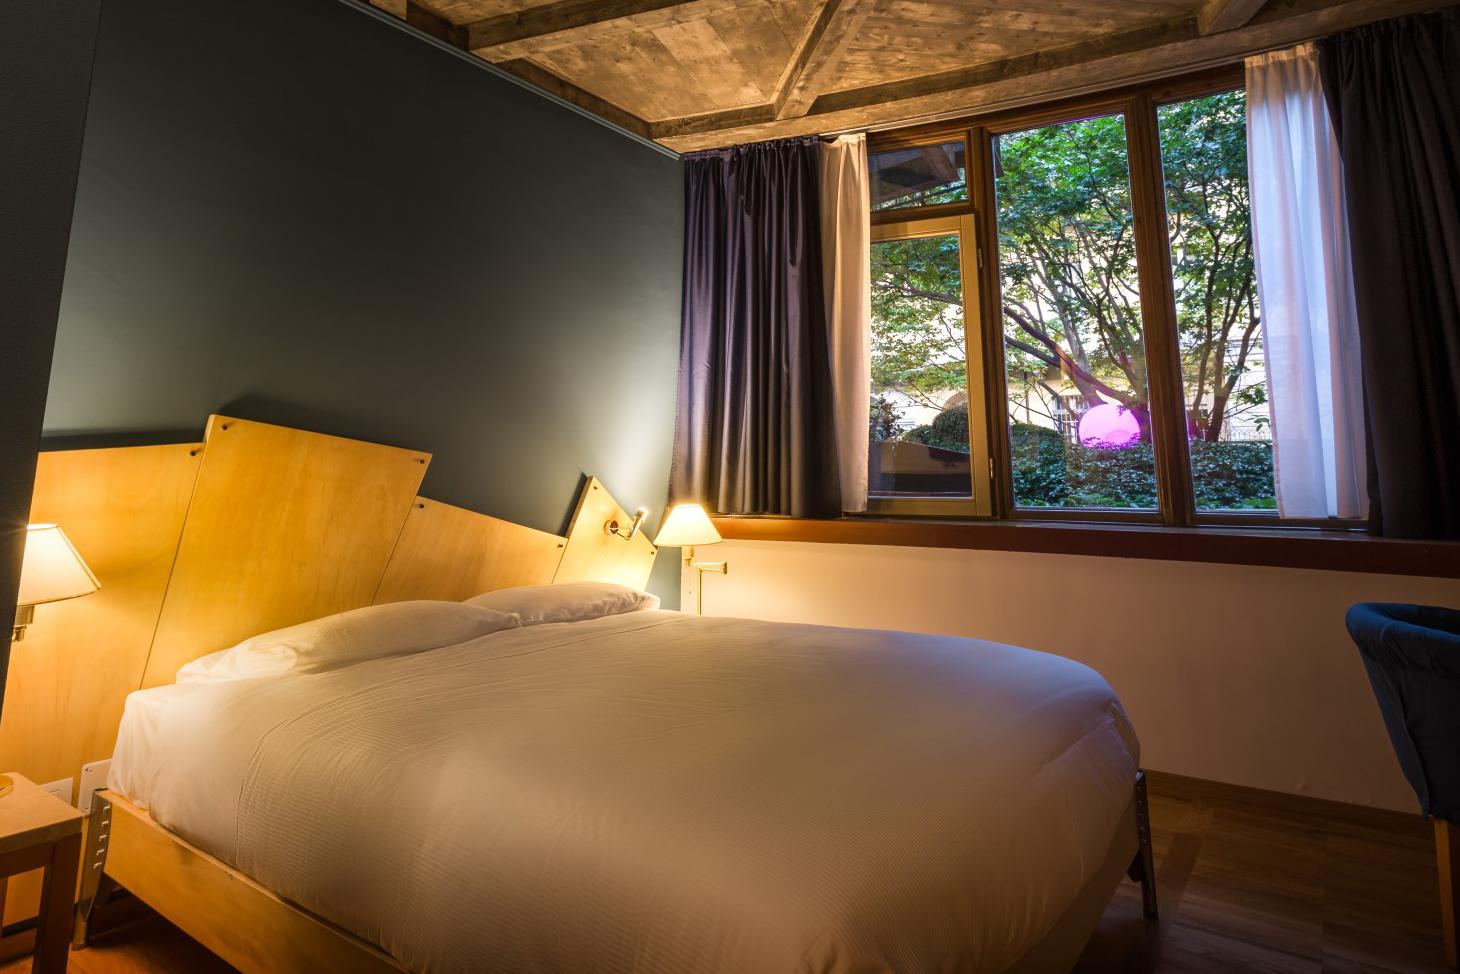 Camera da letto - Juvarra House - Torino Centro